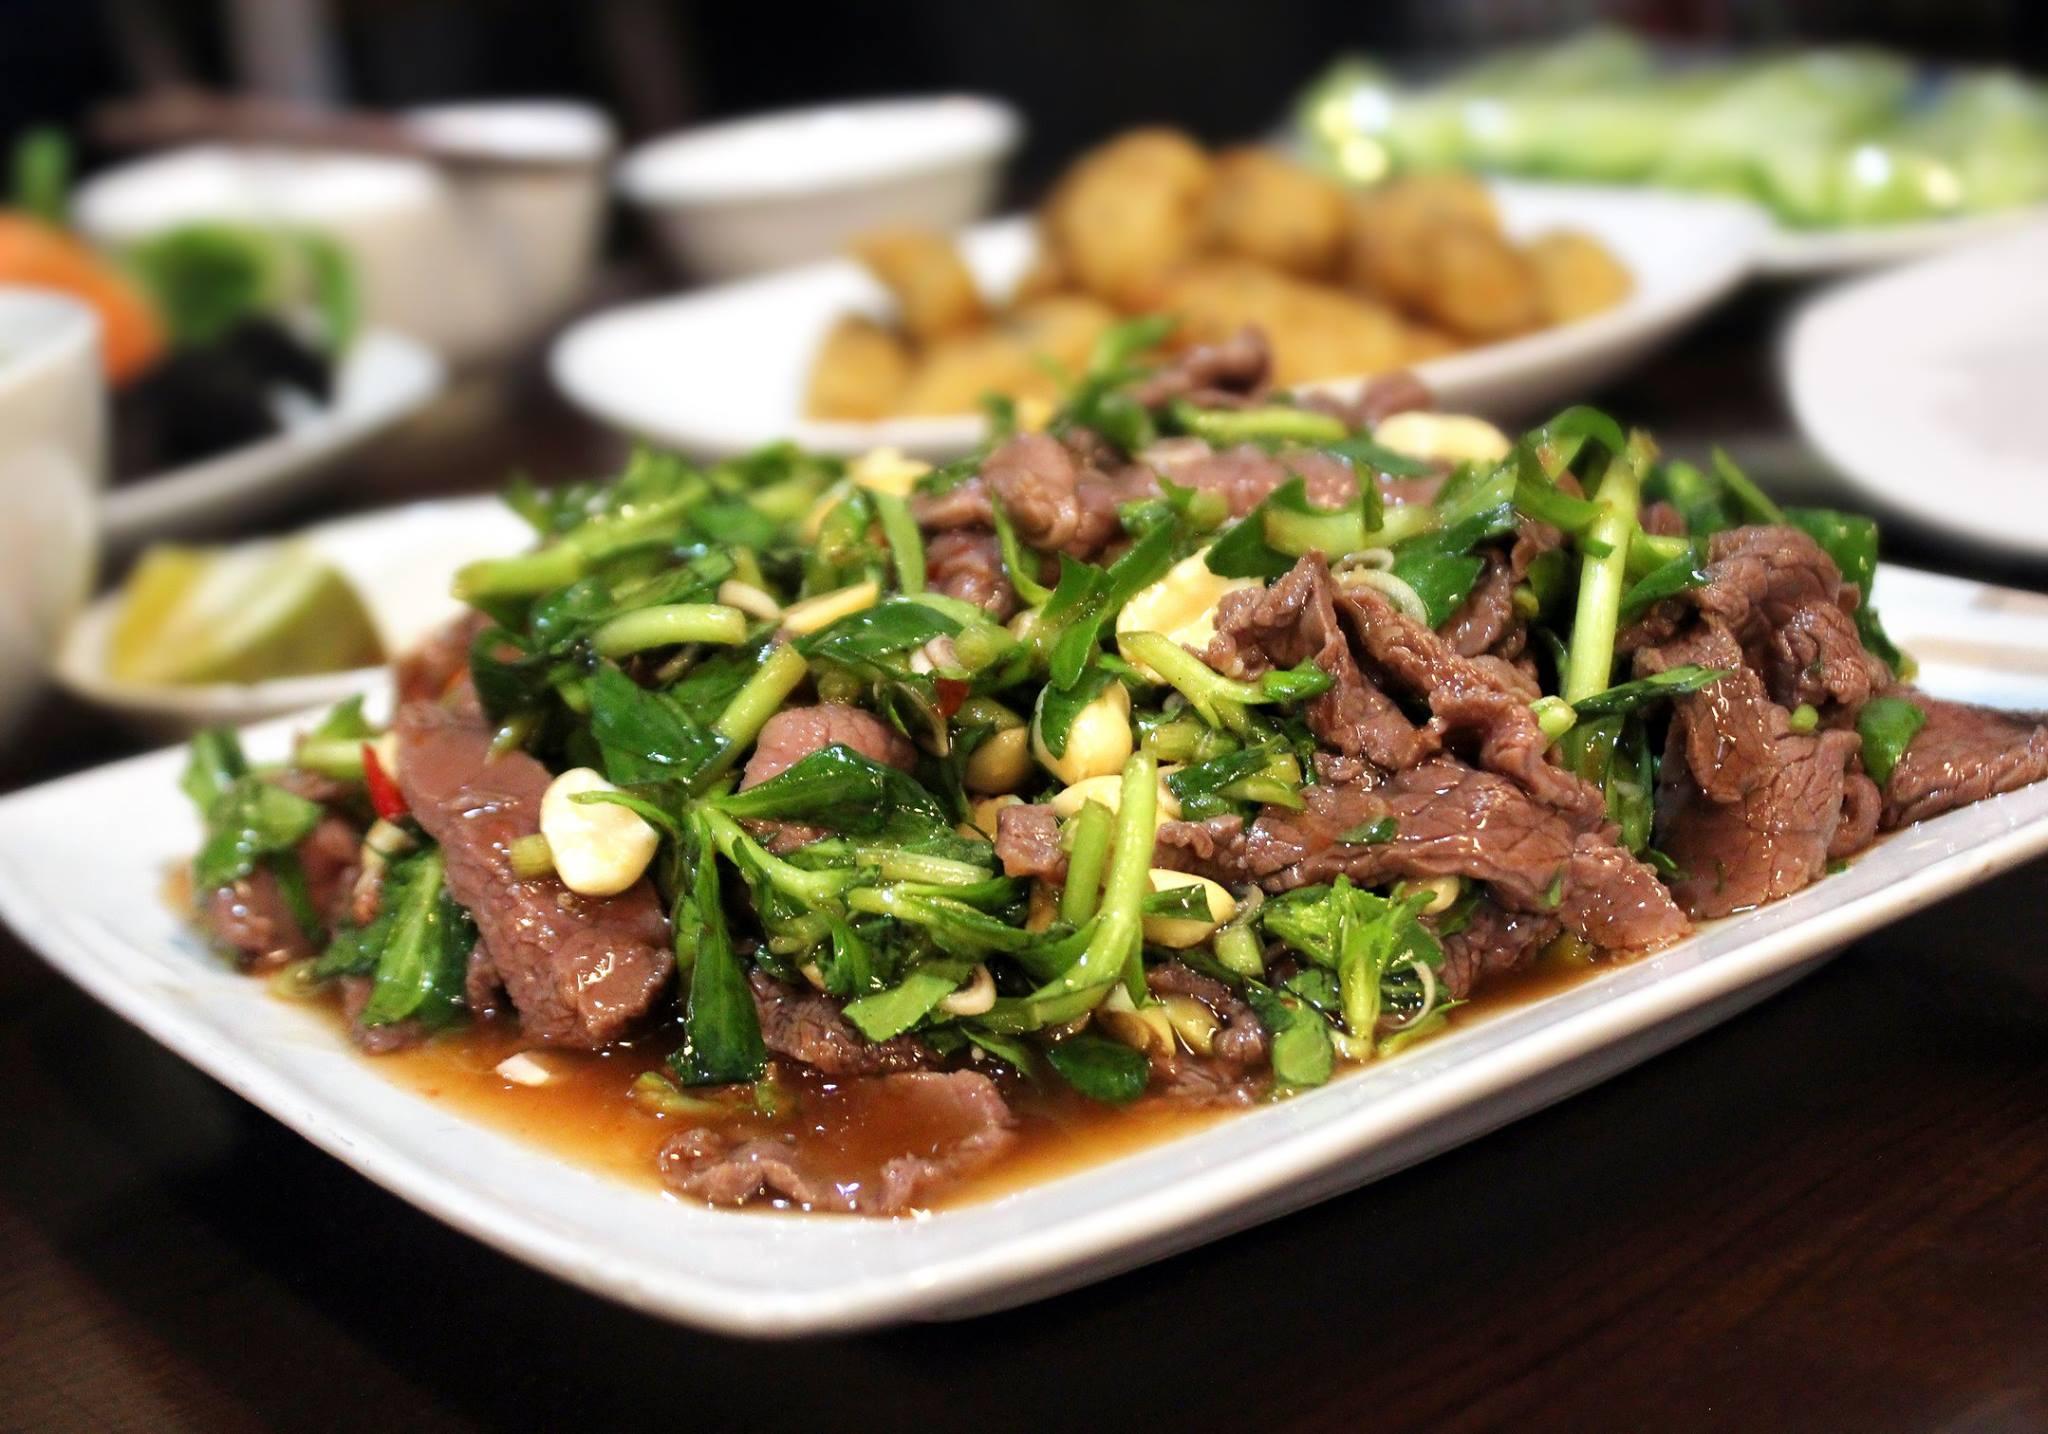 giá trị dinh dưỡng có trong thịt ngựa xào rau ngổ 1